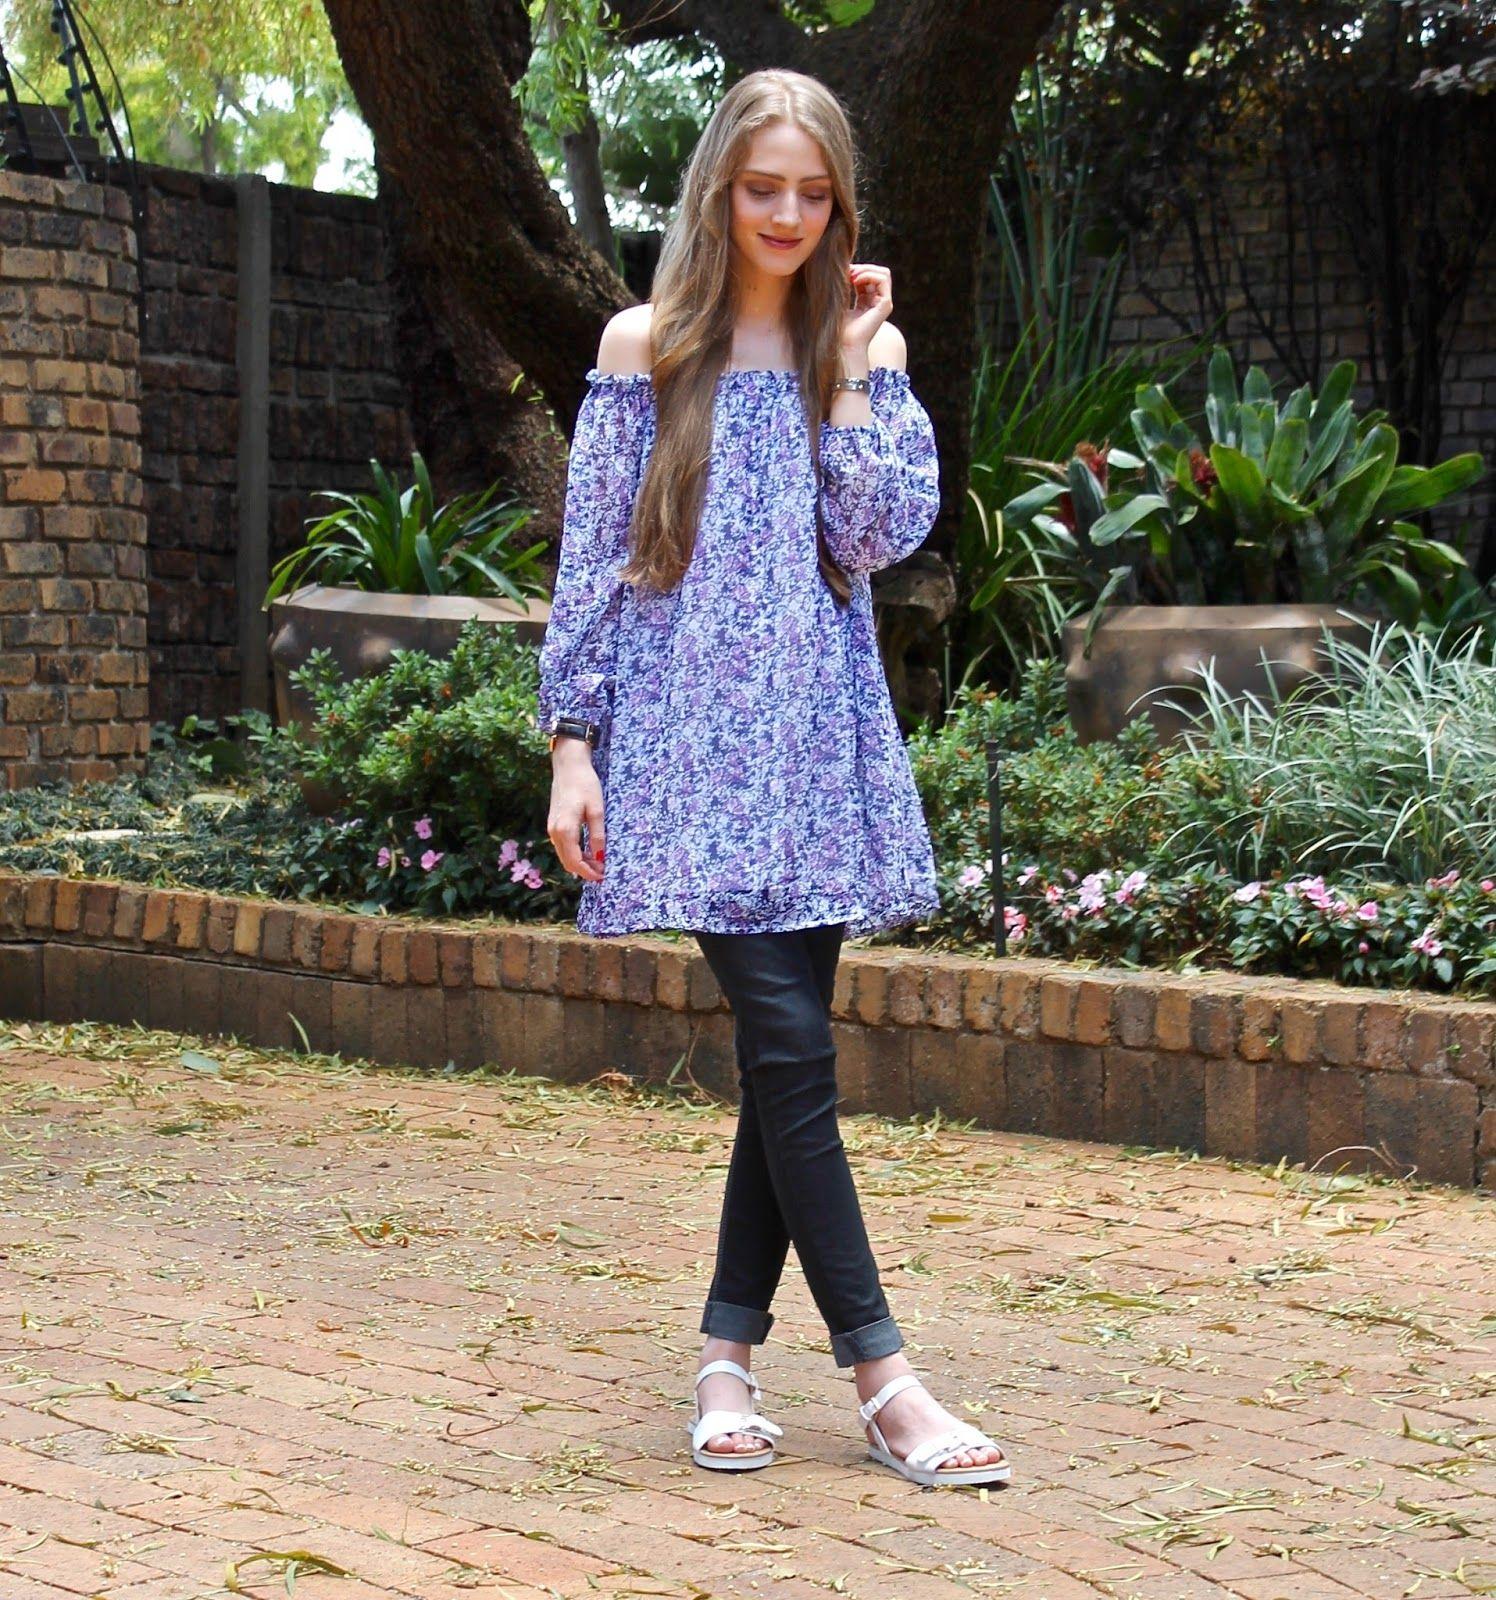 Fashionable Passion #womensfashion #fashionablepassion #dress #skinnyjeans #boho